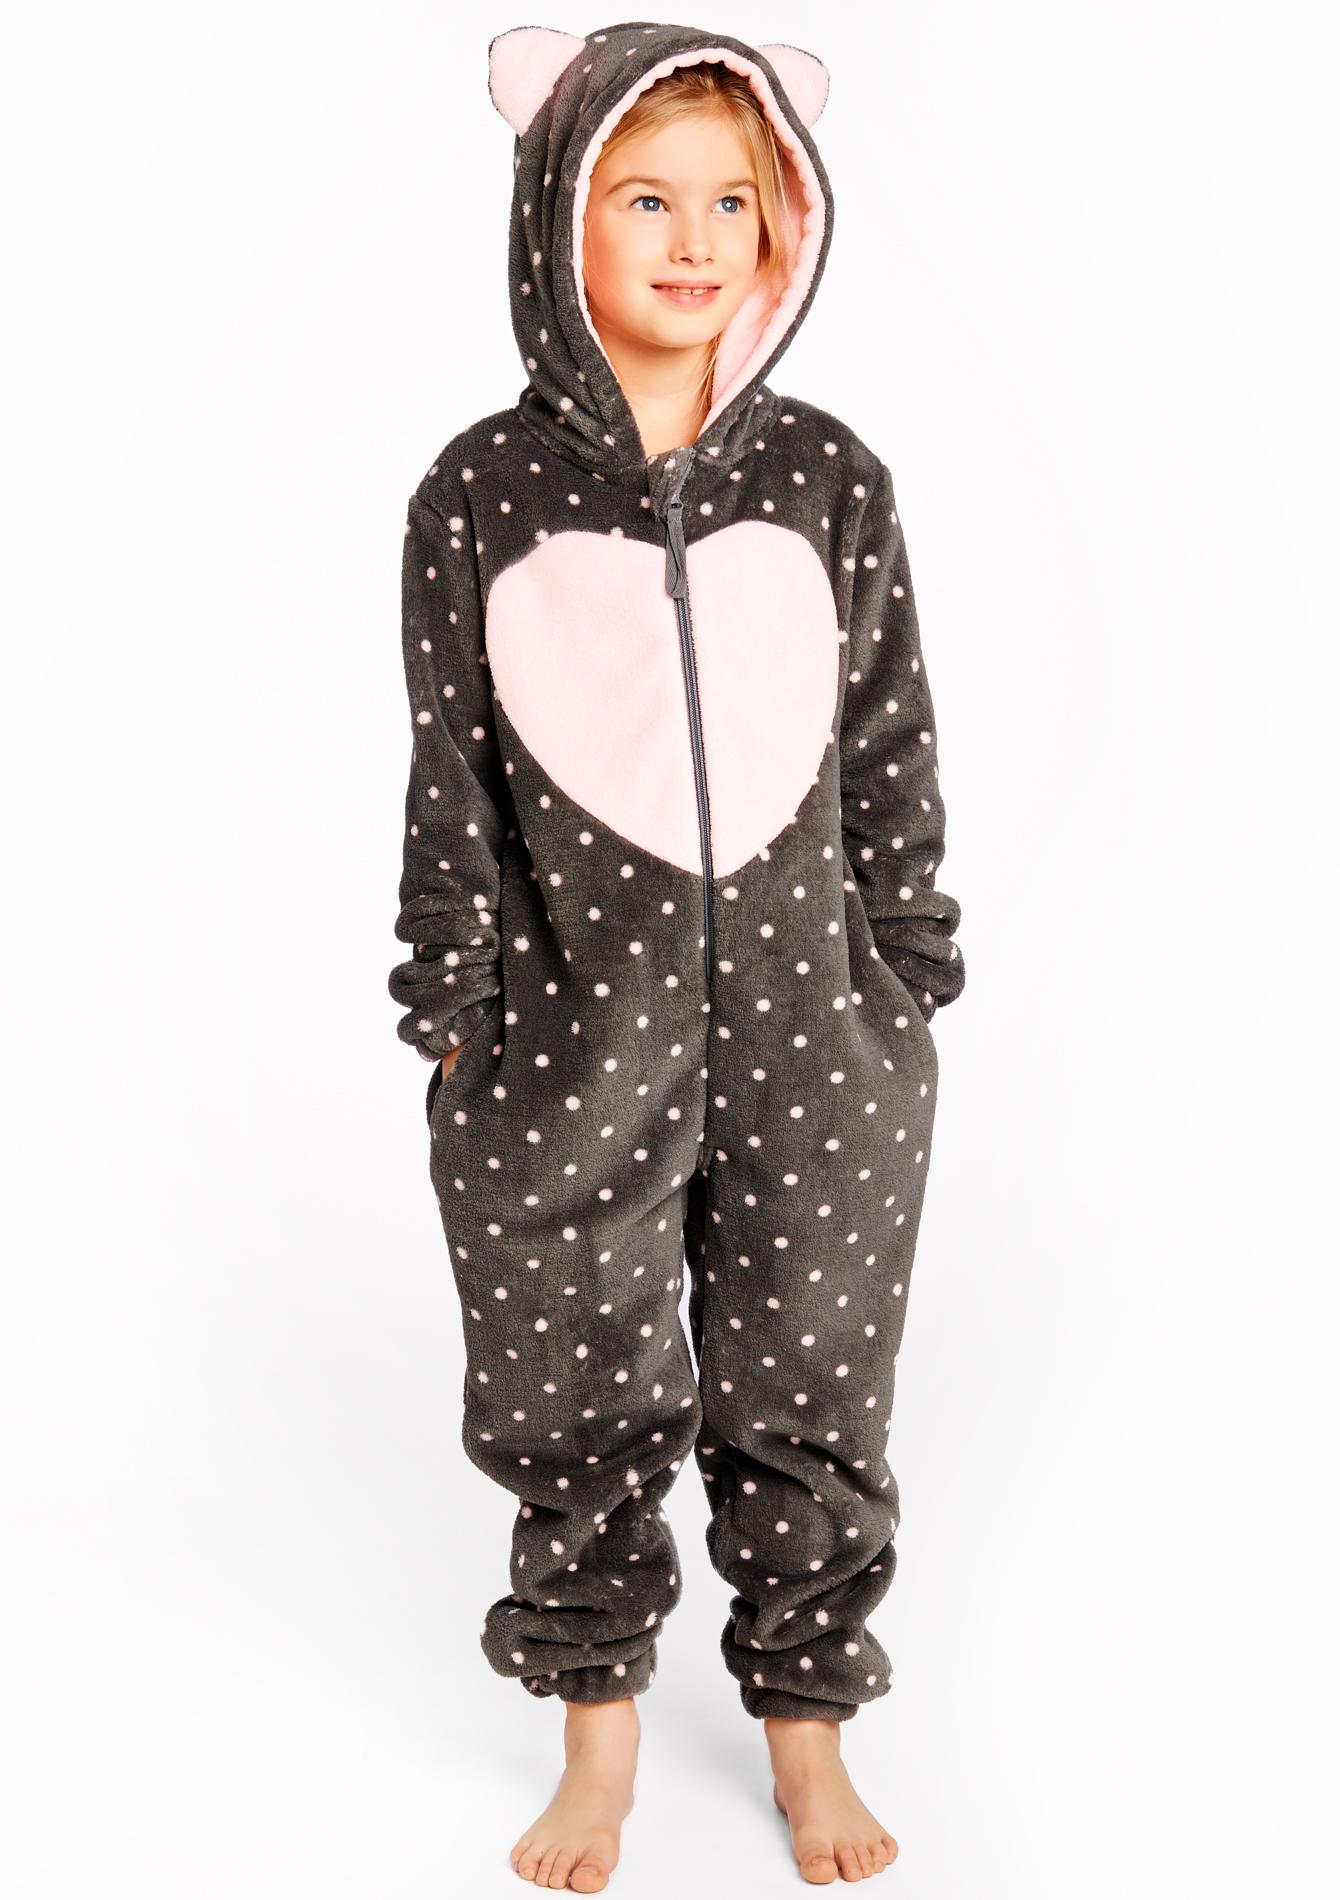 combinaison pyjama enfant pois lolaliza